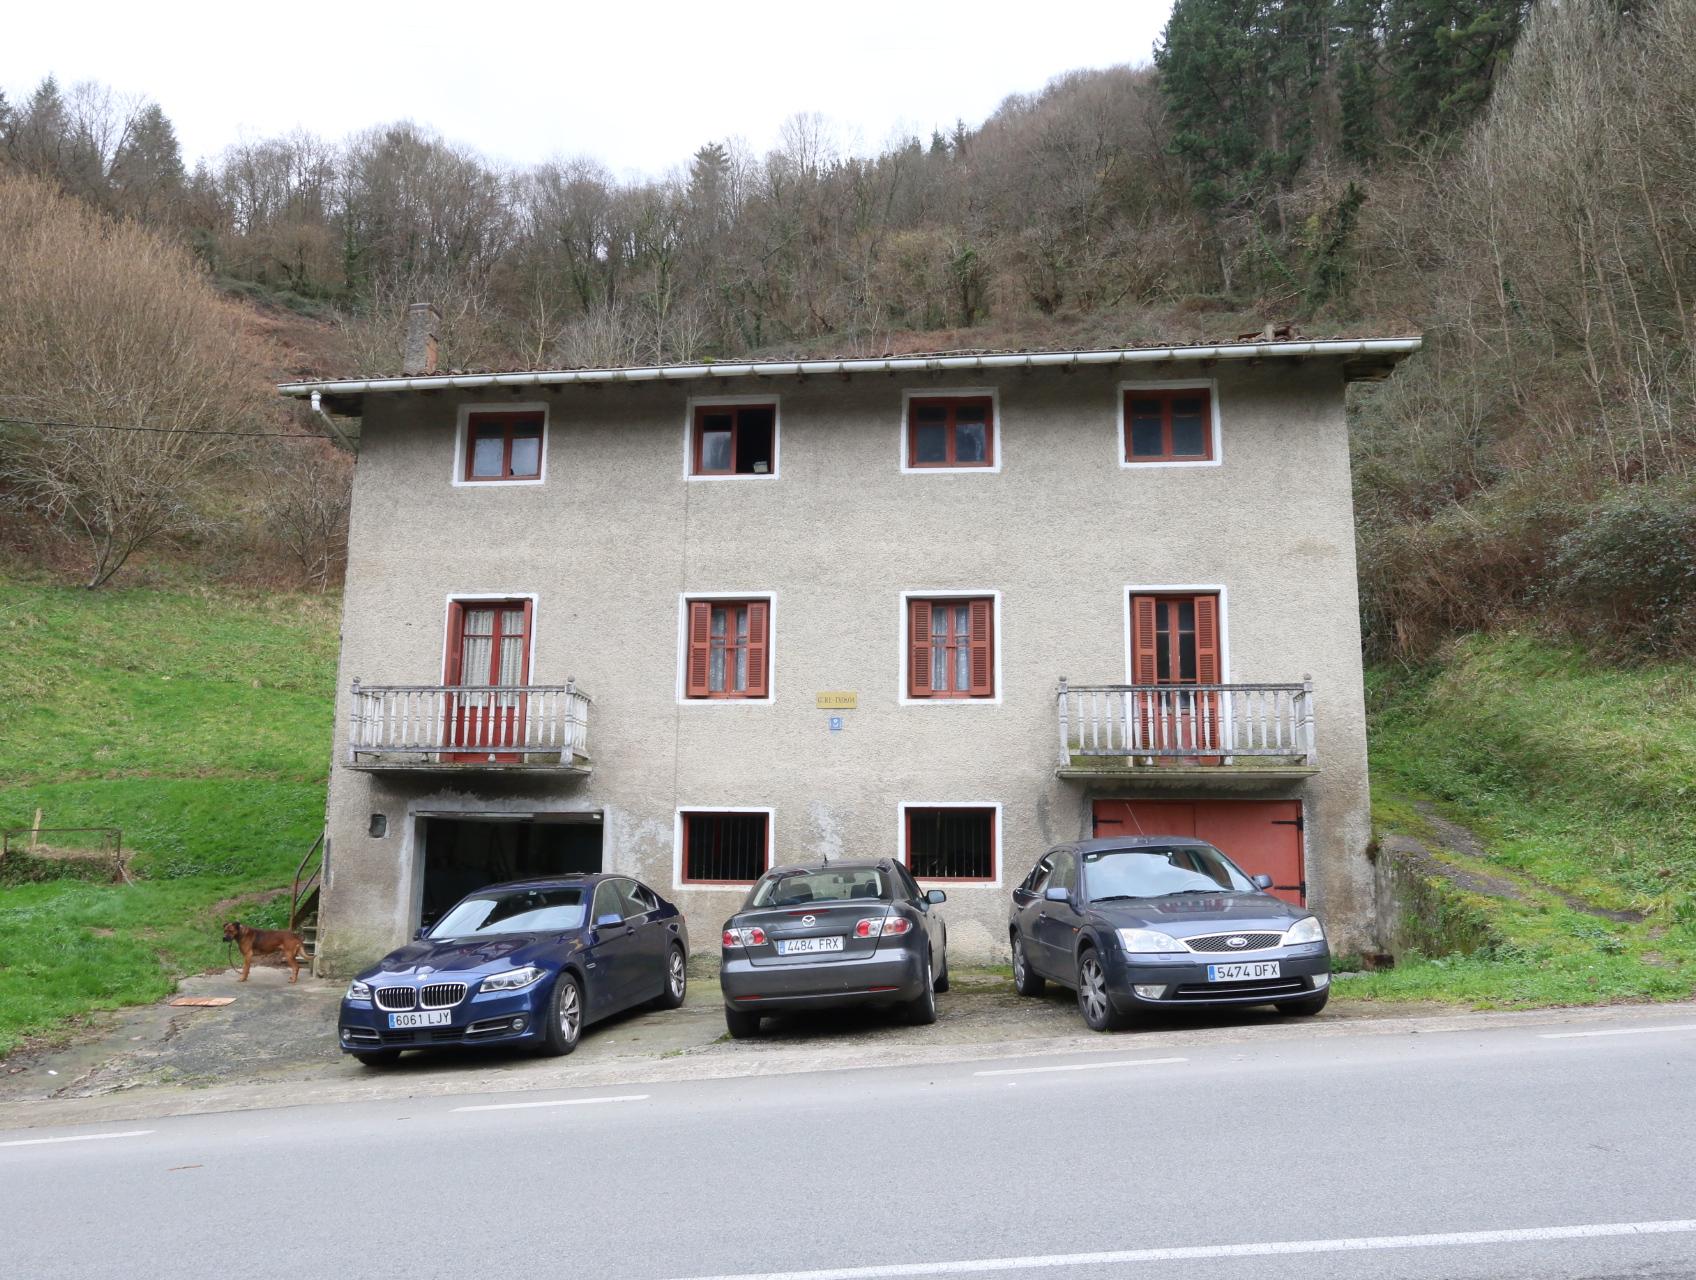 Casa con 16m2 de terreno en Tolosa, Gipuzkoa